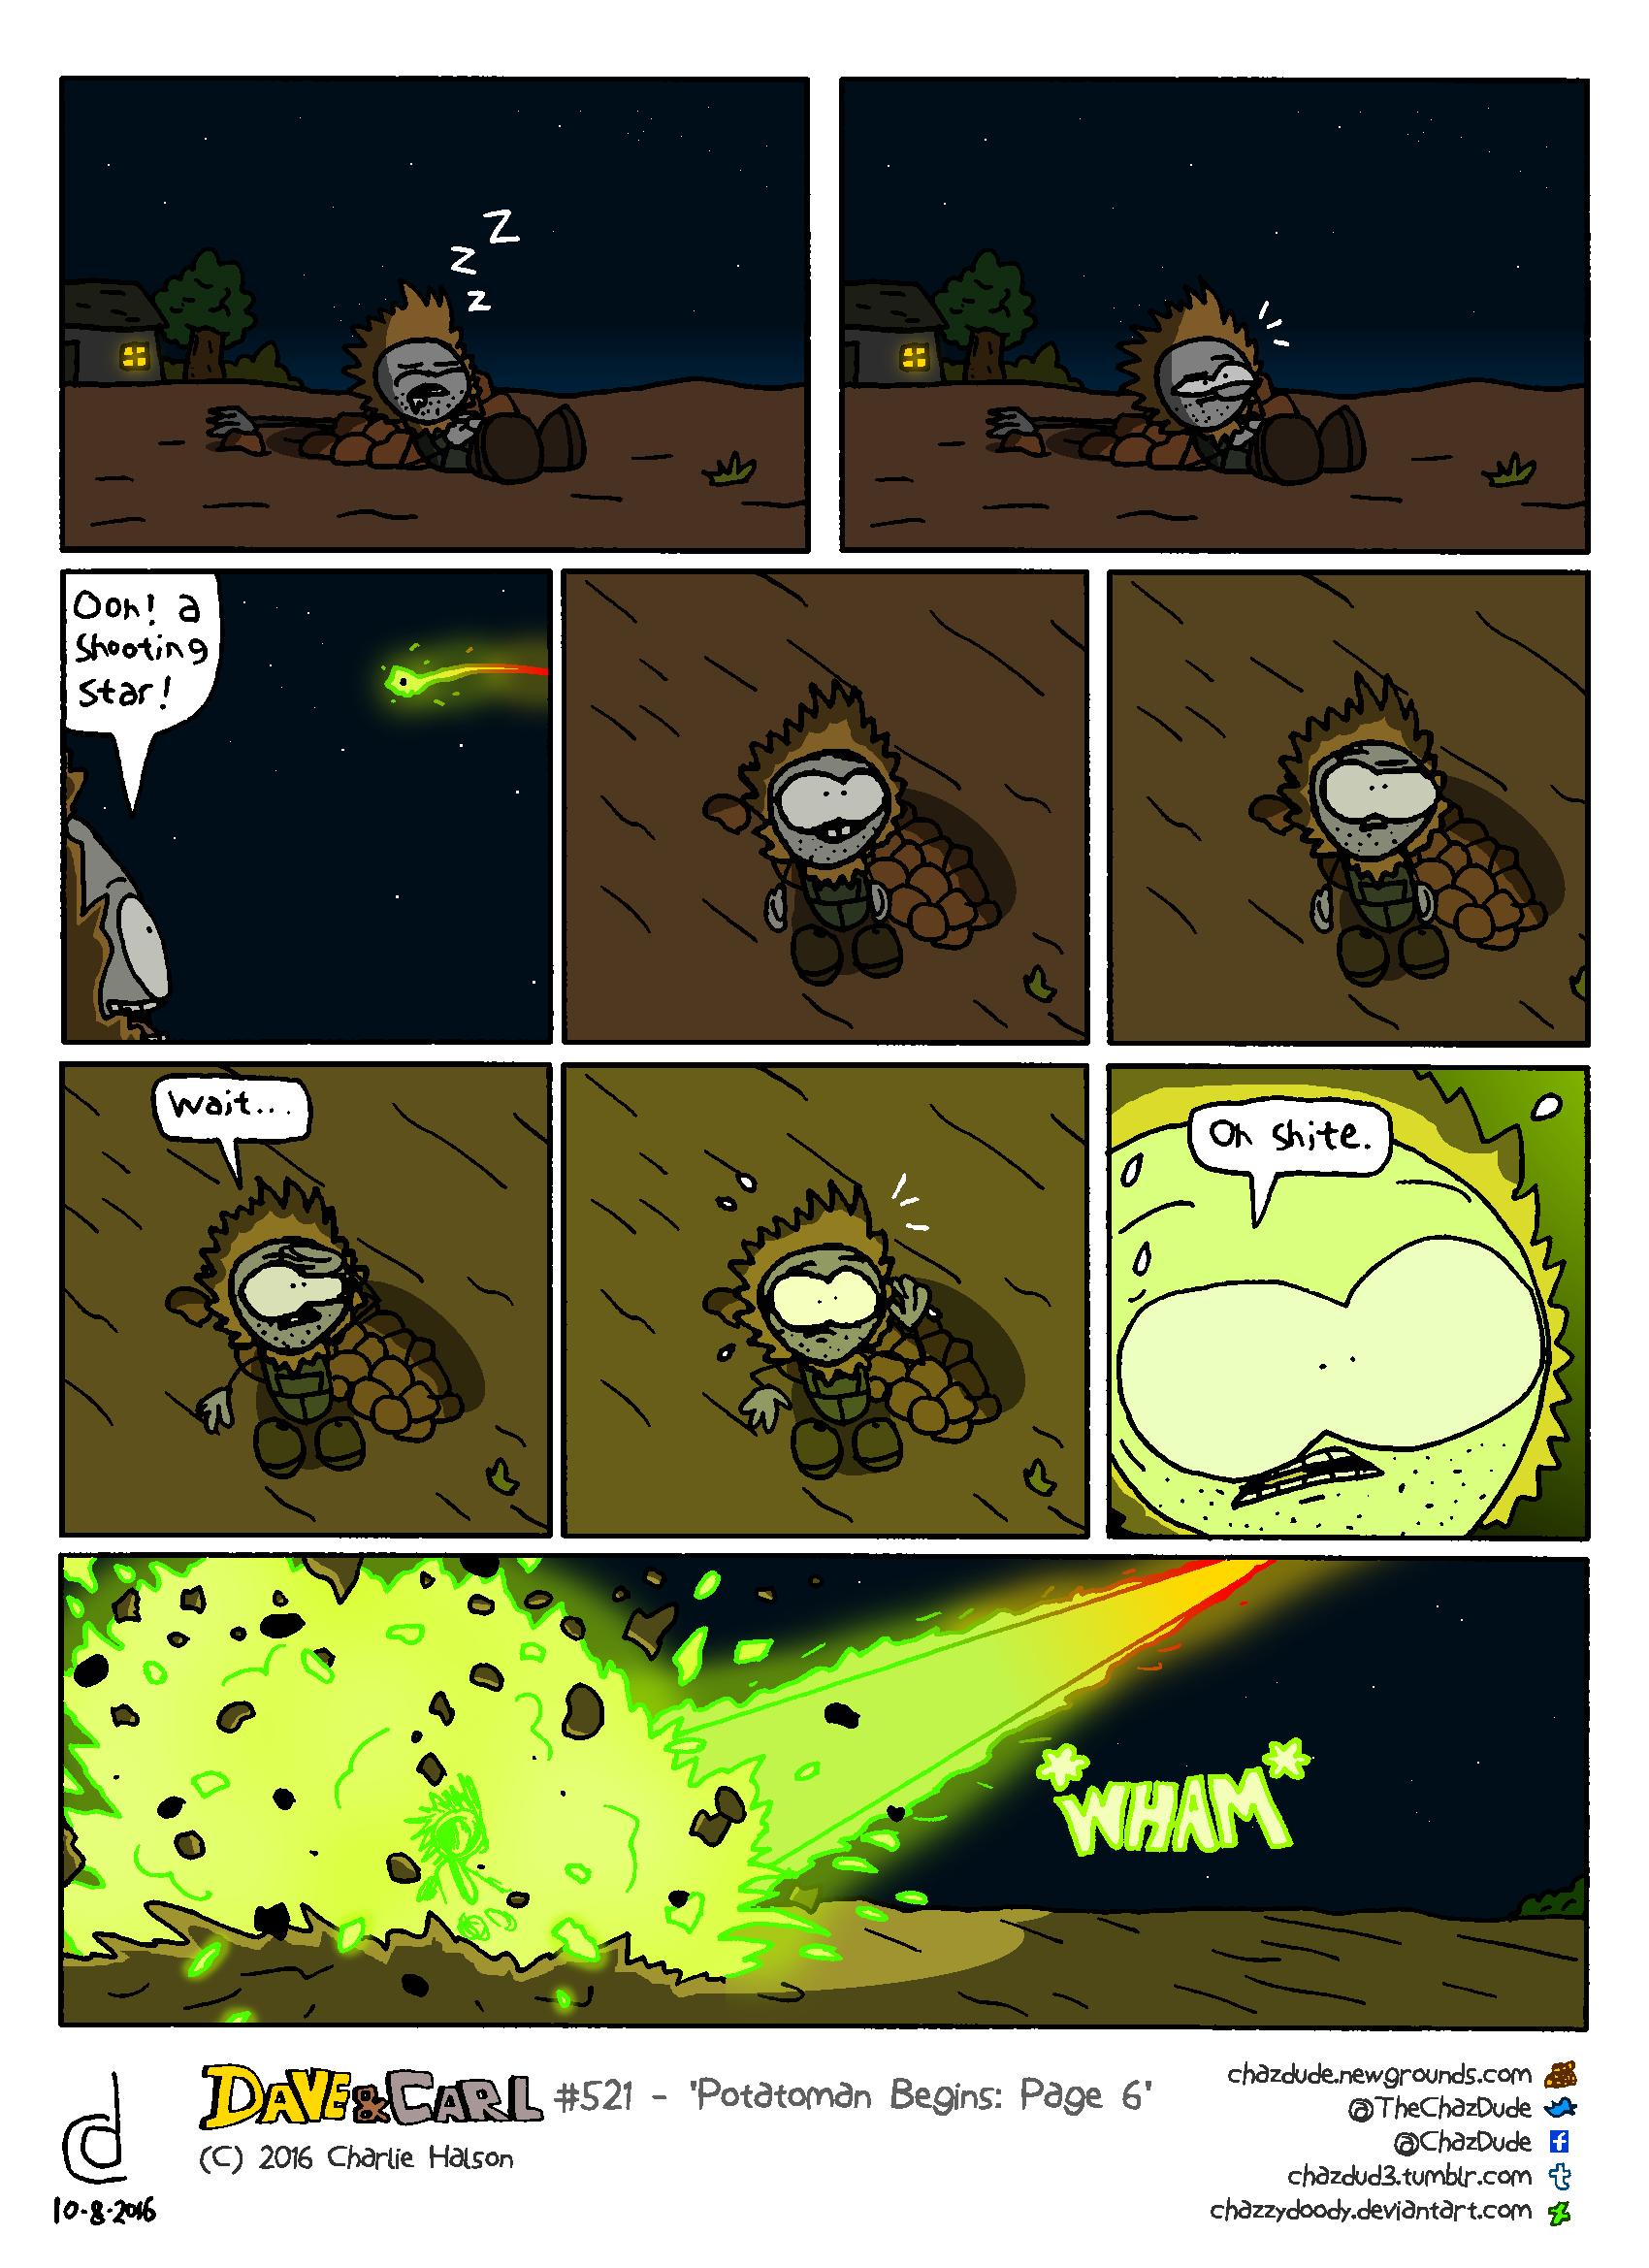 Potatoman Begins: Page 6